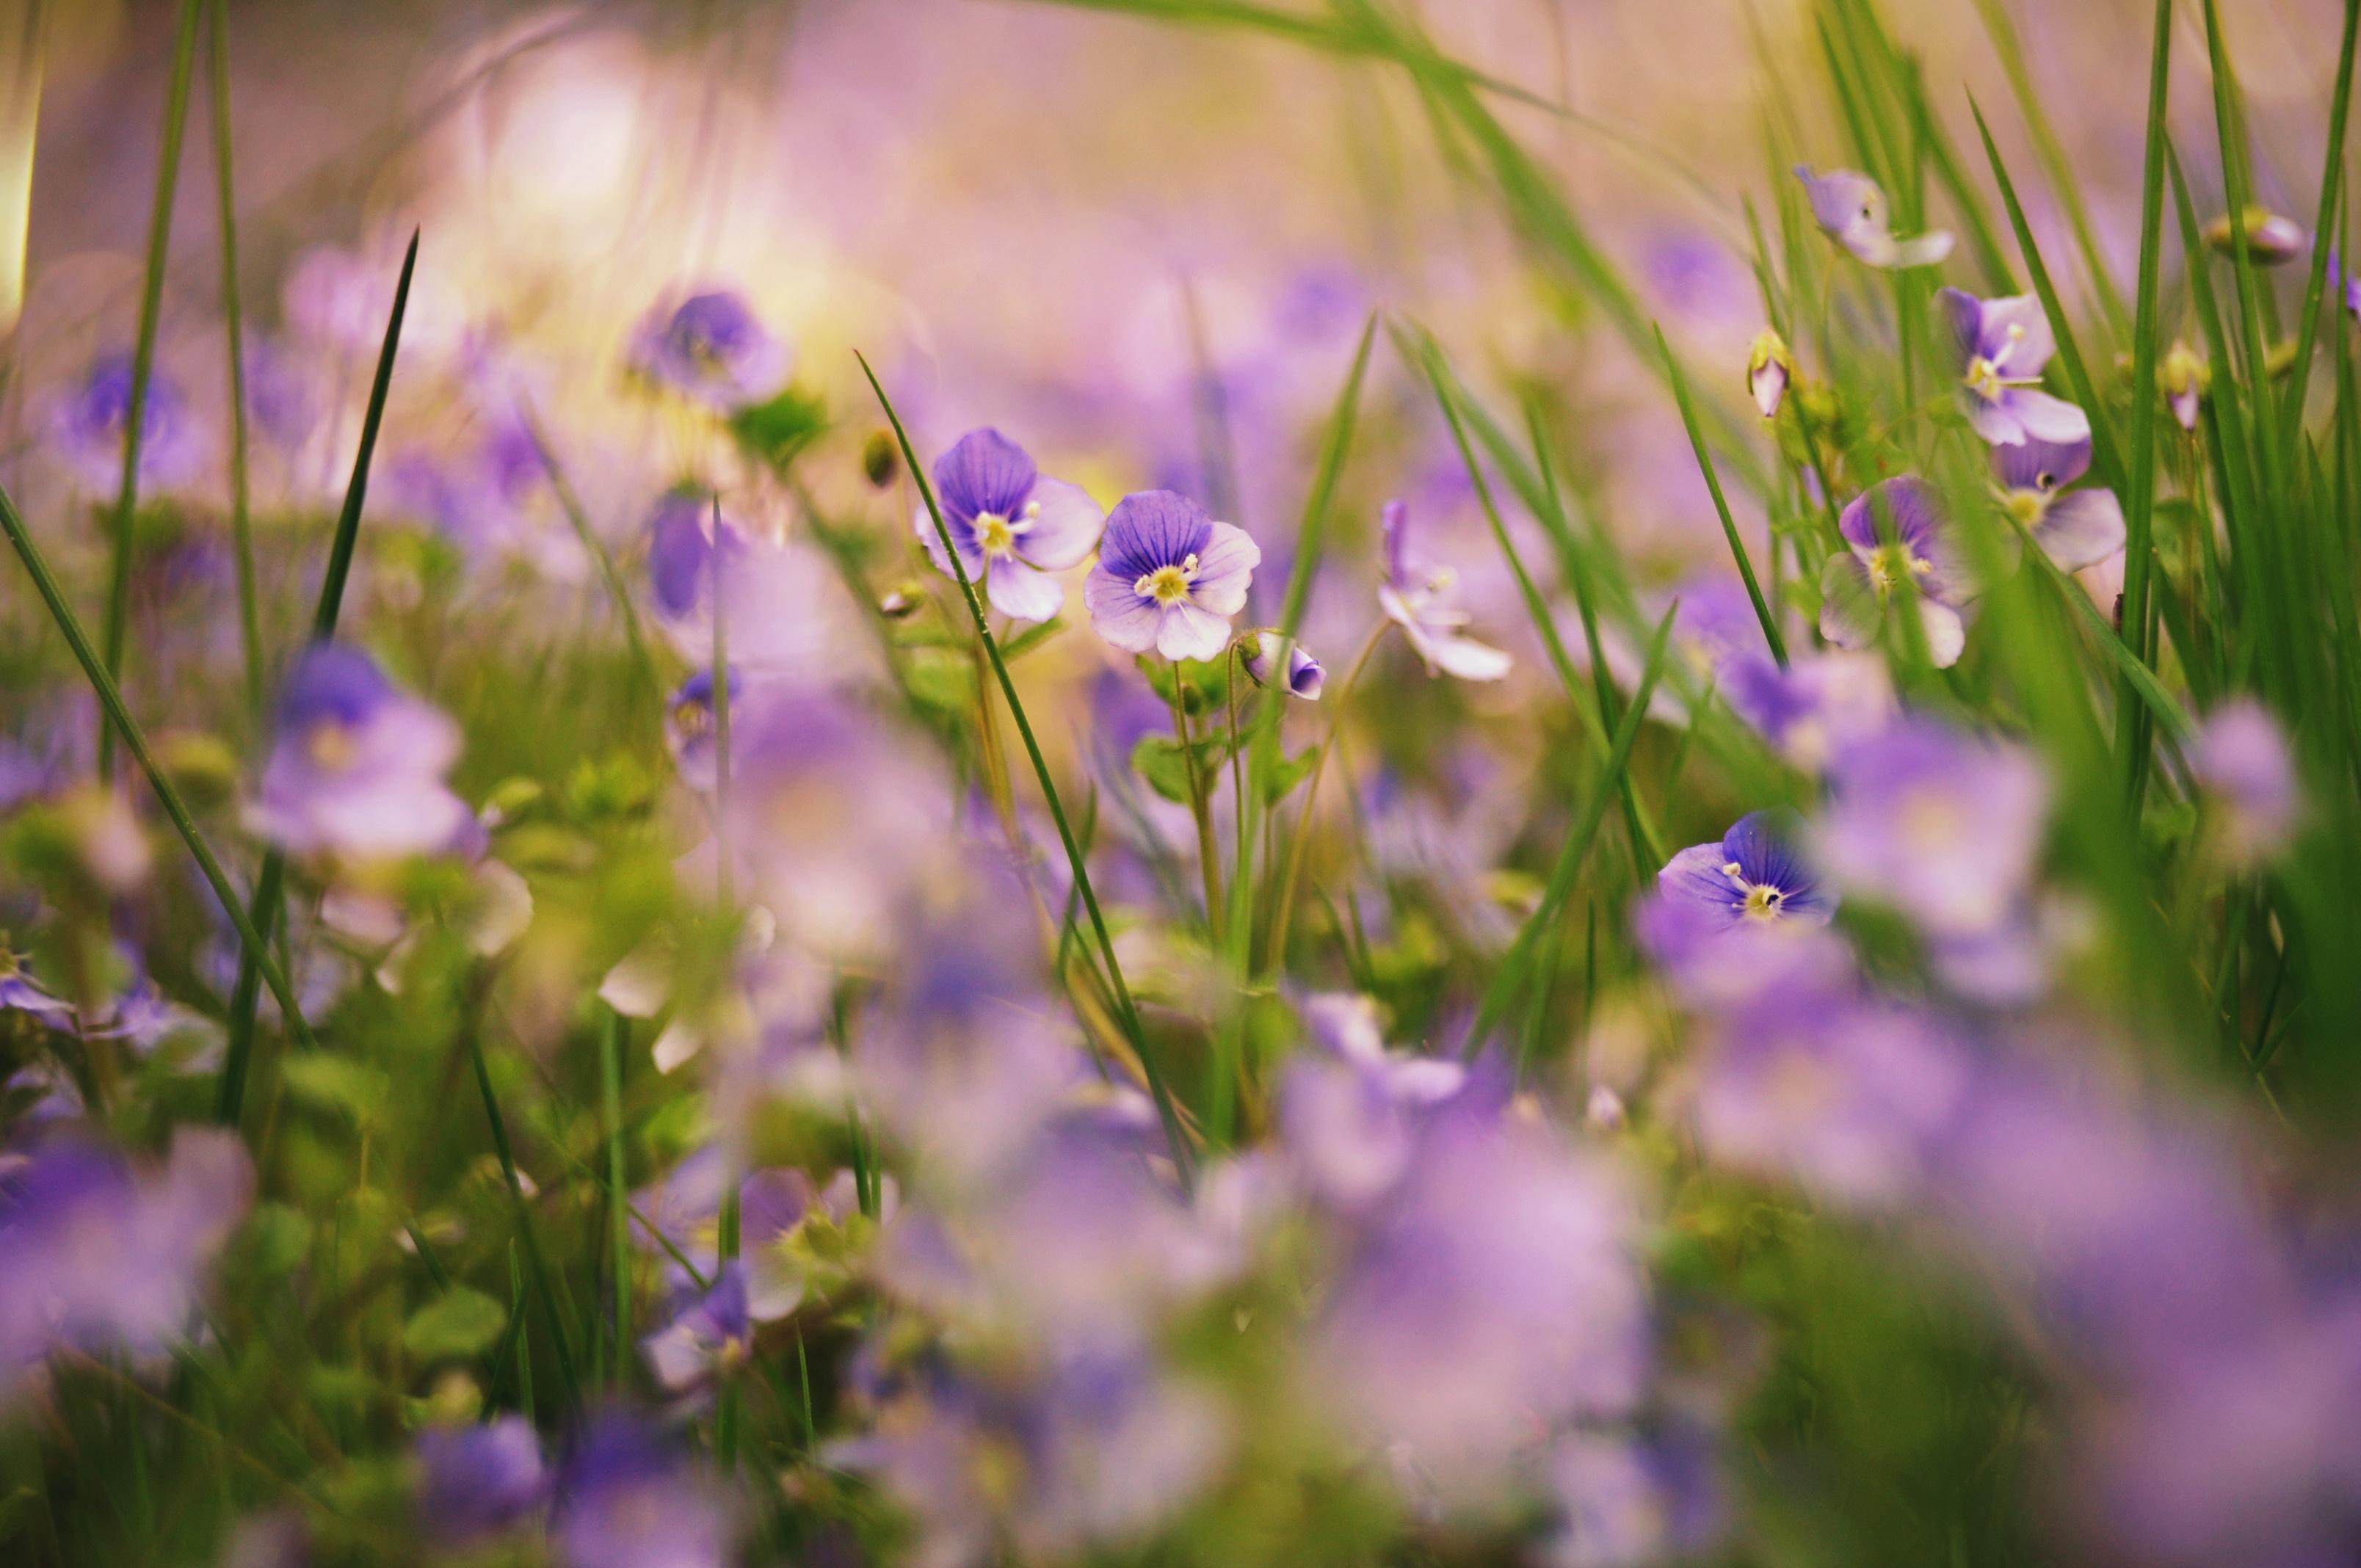 104296 скачать обои Макро, Трава, Природа, Растения, Цветы - заставки и картинки бесплатно